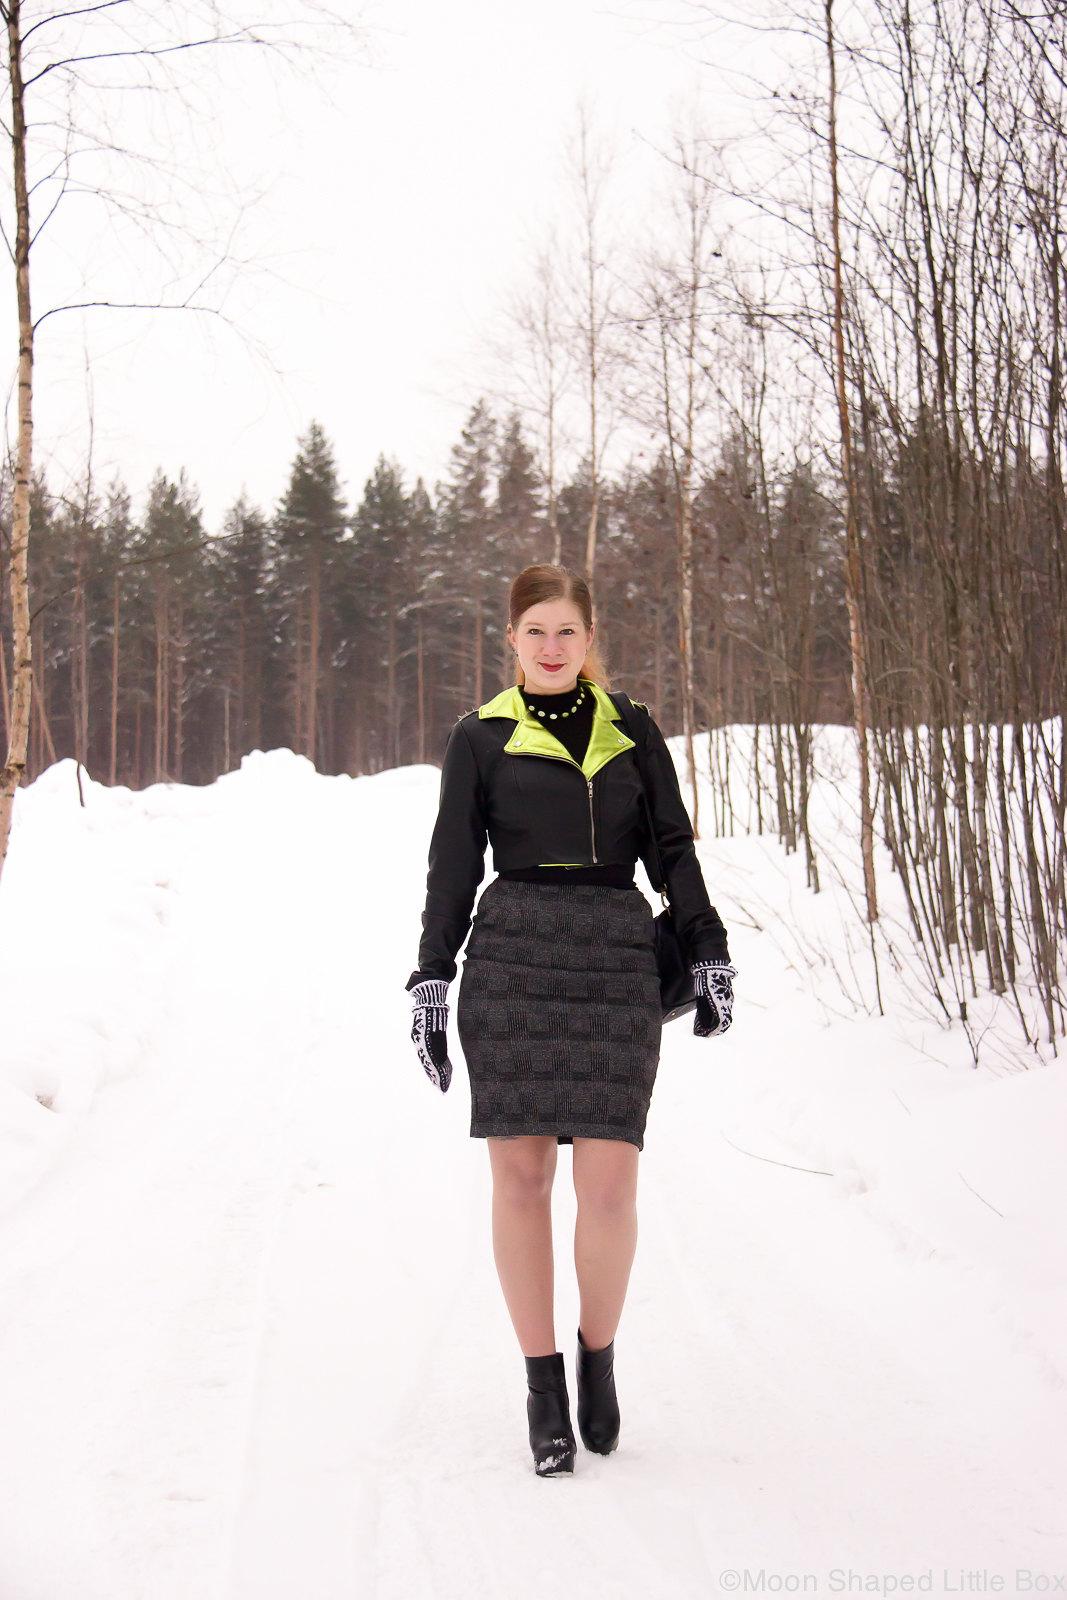 kotimainen nahkatakki, nahkatakki Suomesta, cropattu nahkatakki, tyylibloggaaja